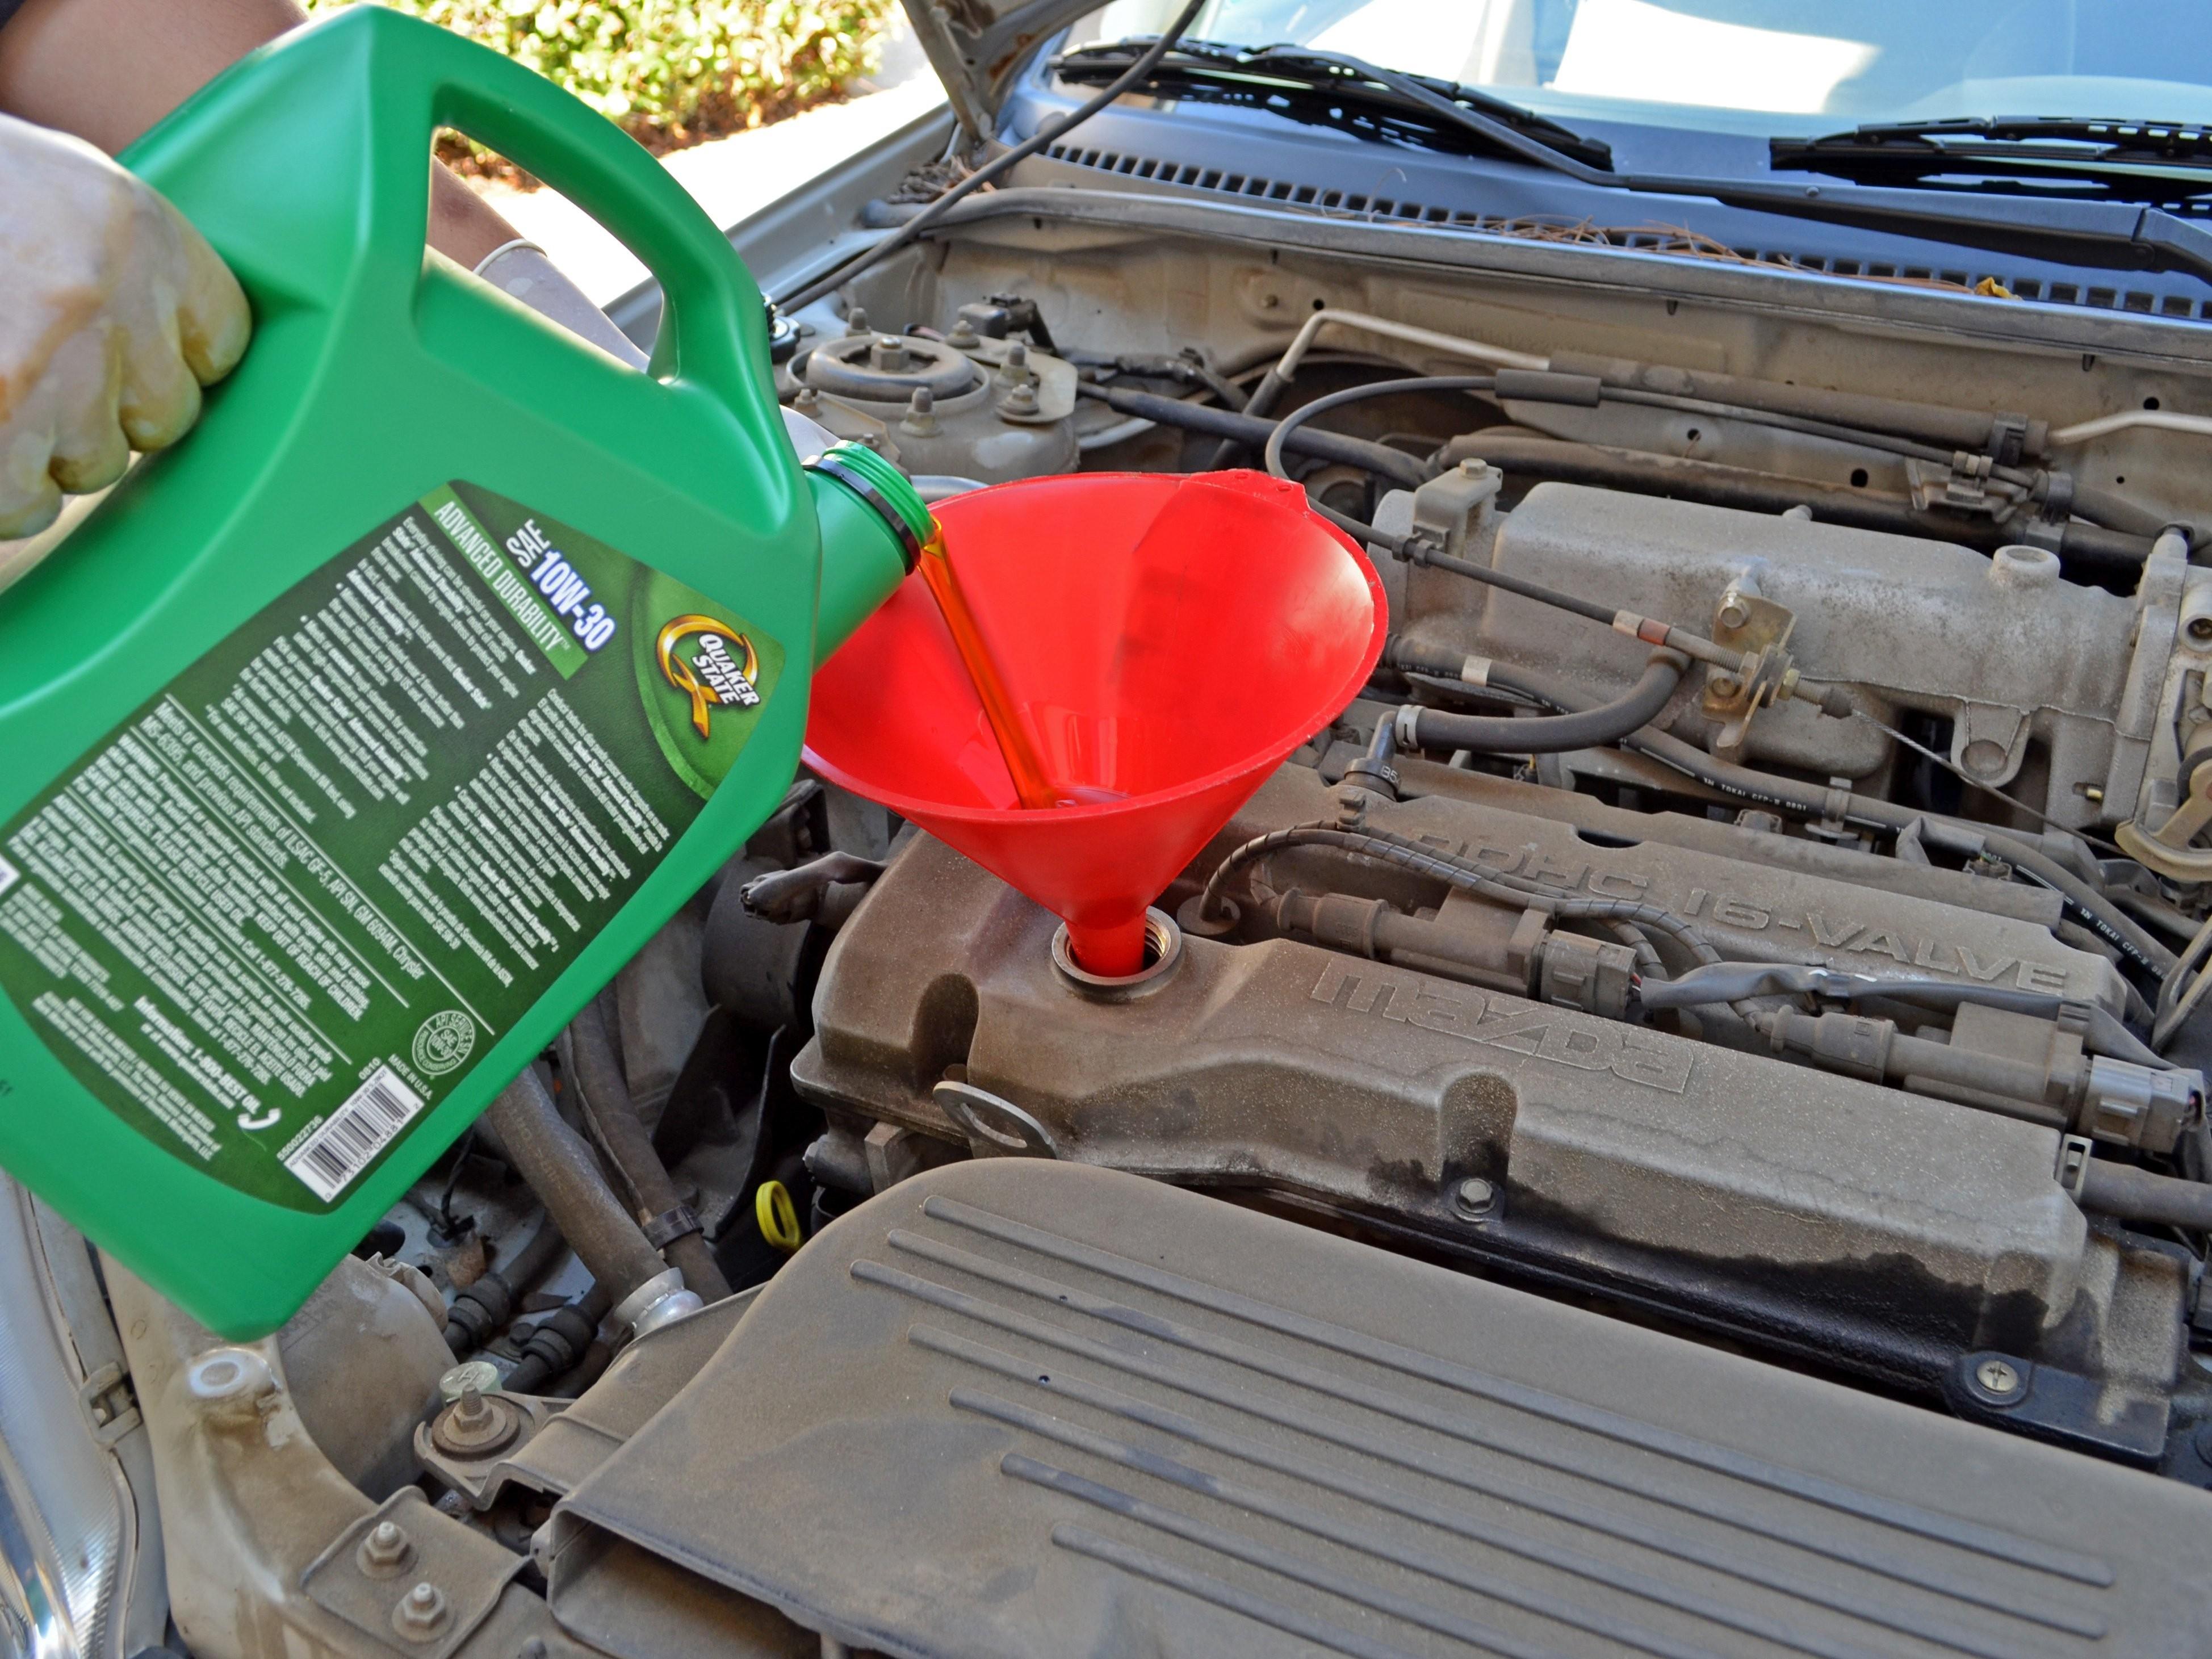 2001 Mazda Protege Engine Diagram 1998 2003 Mazda Protege Oil Change 1 6 L Dohc 1998 1999 2000 Of 2001 Mazda Protege Engine Diagram